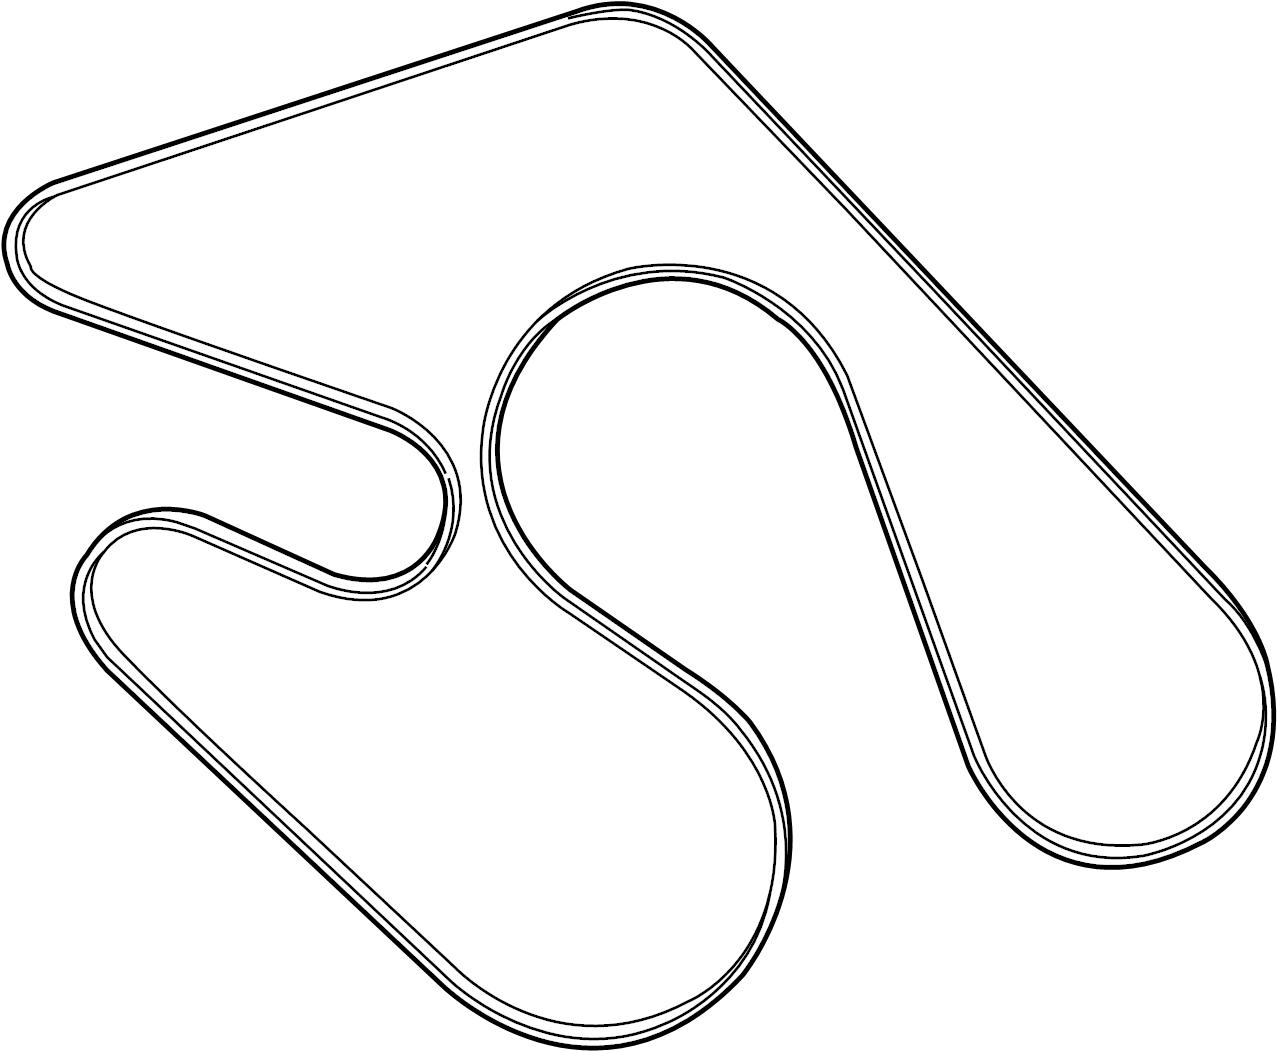 hight resolution of 2015 ram 3500 belt serpentine serpentine belt 2015 dodge 2500 belt diagram 2015 dodge 2500 6 7